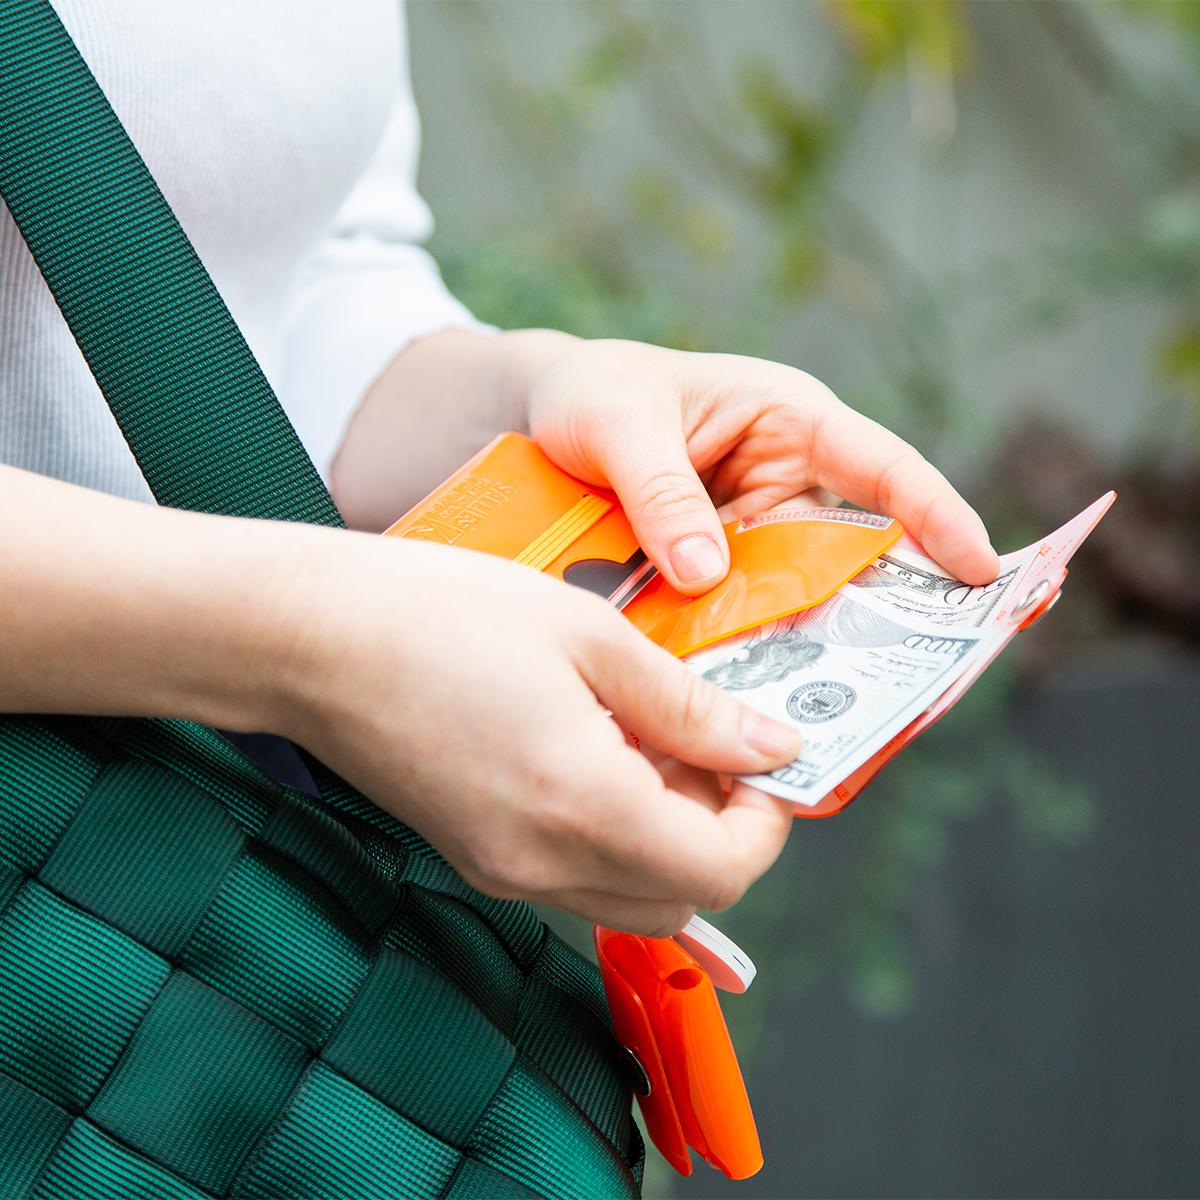 考え抜かれたムダのなさ、ミニマムな構造で出し入れしやすい。これひとつで、ジム・旅行・アウトドアへ!軽量&収納力の「ミニ財布」|SALLIES